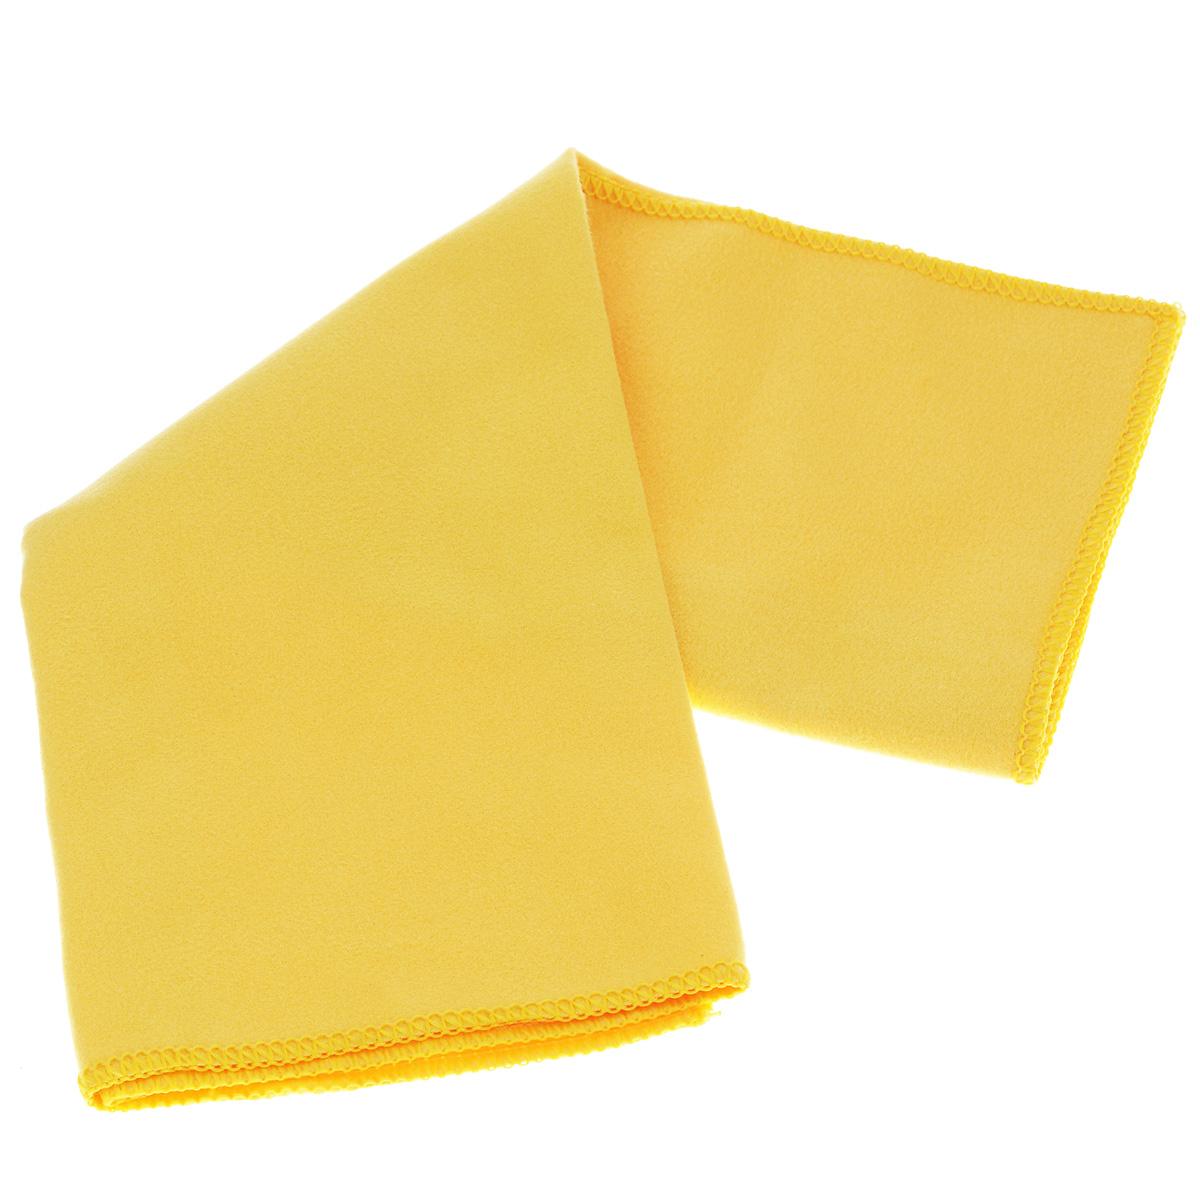 Cалфетка Sapfire Suede, цвет: желтый, 35 х 40 см3013-SFMБлагодаря своей нежной структуре, салфетка Sapfire Suede из искусственной замши идеально подходит для протирки стекол, зеркал и других деликатных поверхностей в машине и дома. Состав: 80% полиэстер, 20% полиамид.